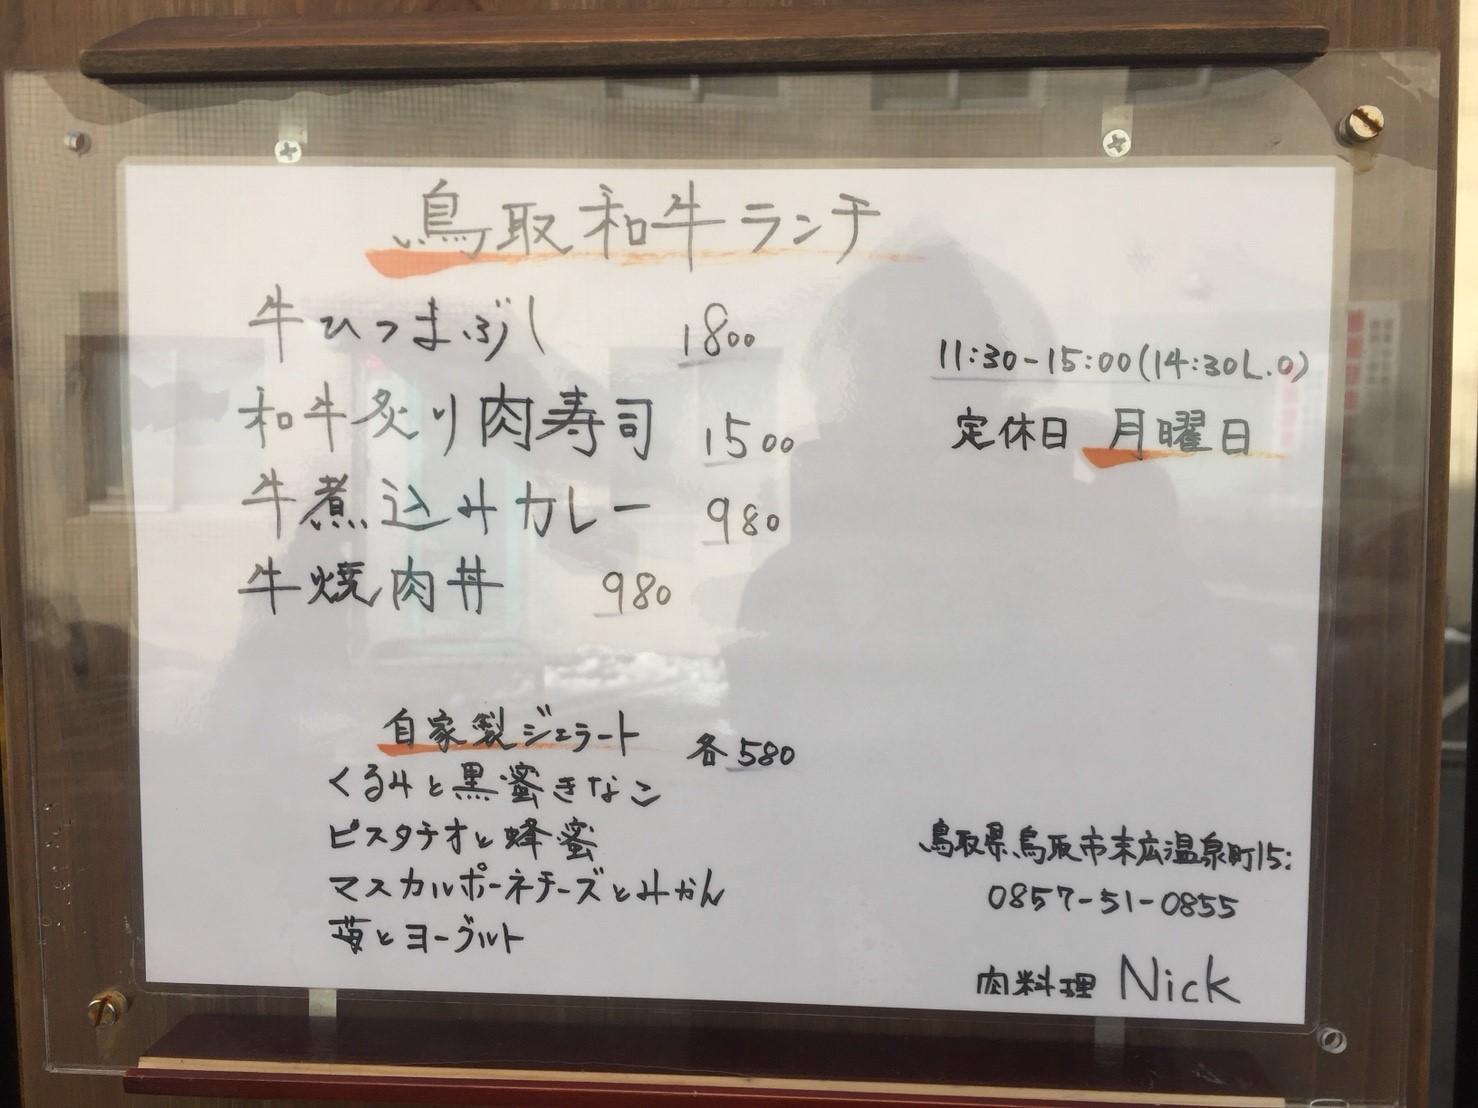 肉料理 Nick_e0115904_08171330.jpg